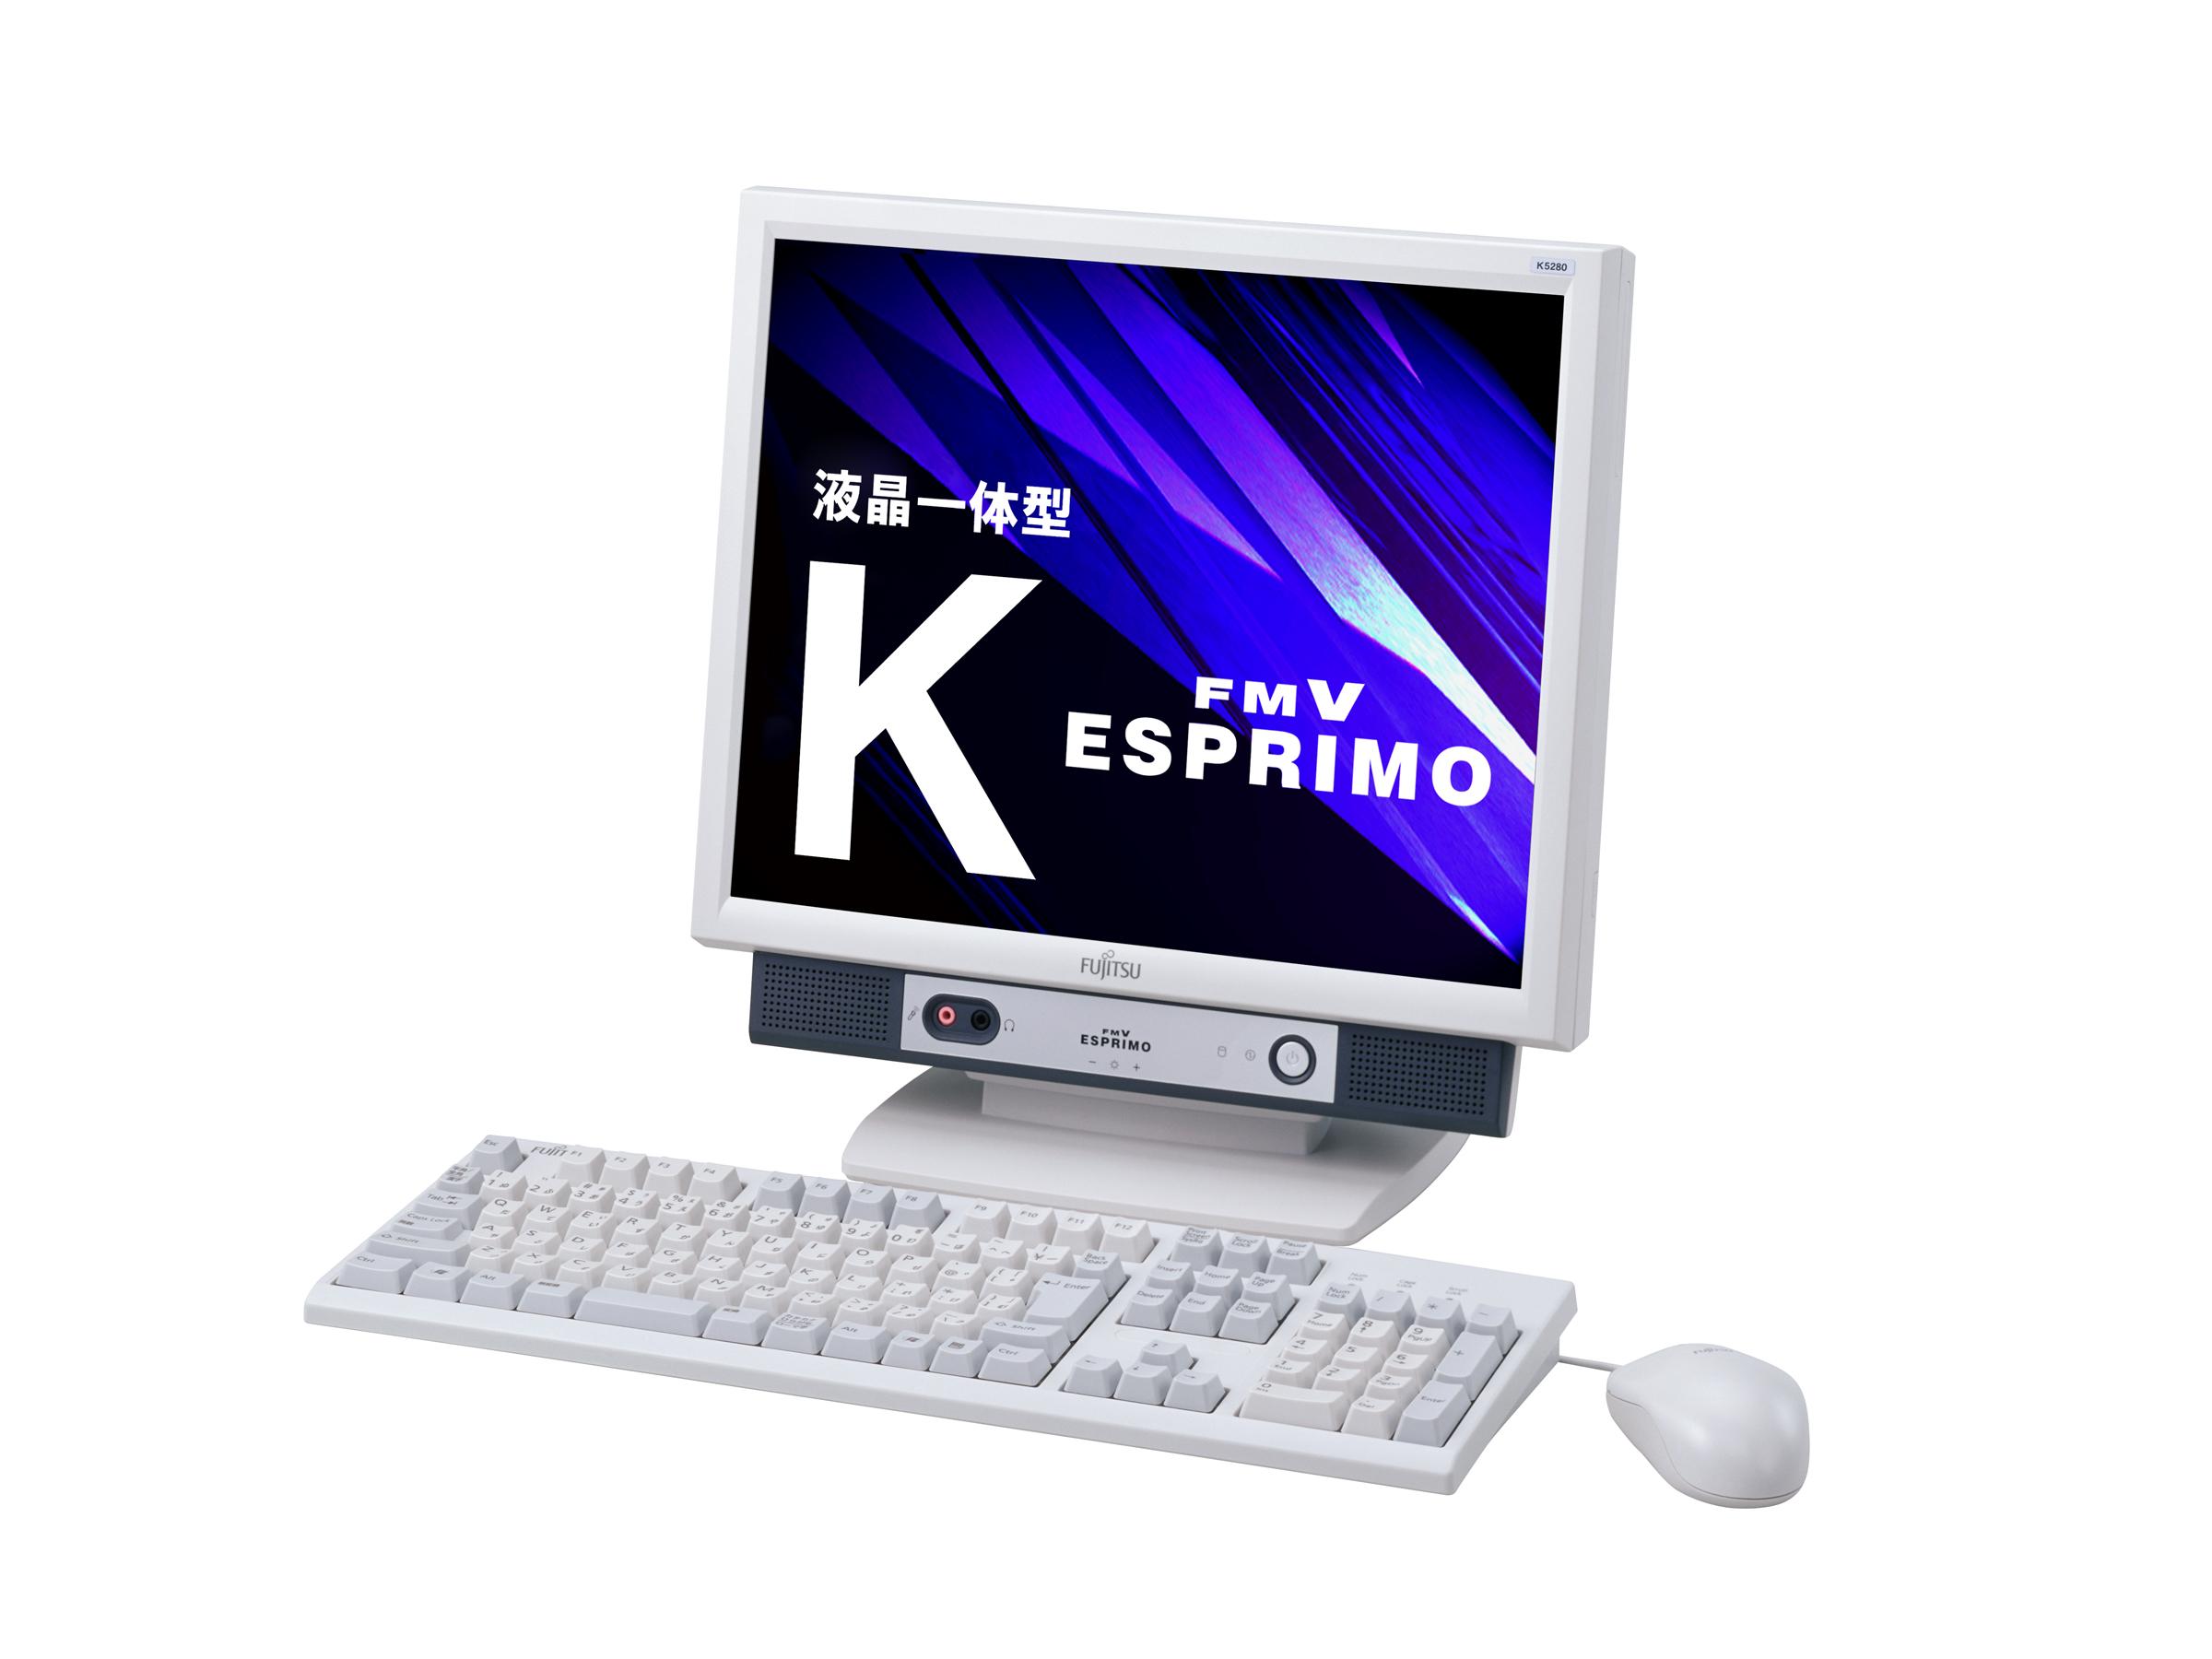 Desknote Nec Mate MF-7 Core 2 Duo E8400 3.0Ghz, 2Gb DDR3, 80GB, LCD 17 inch giá rẻ. - 1